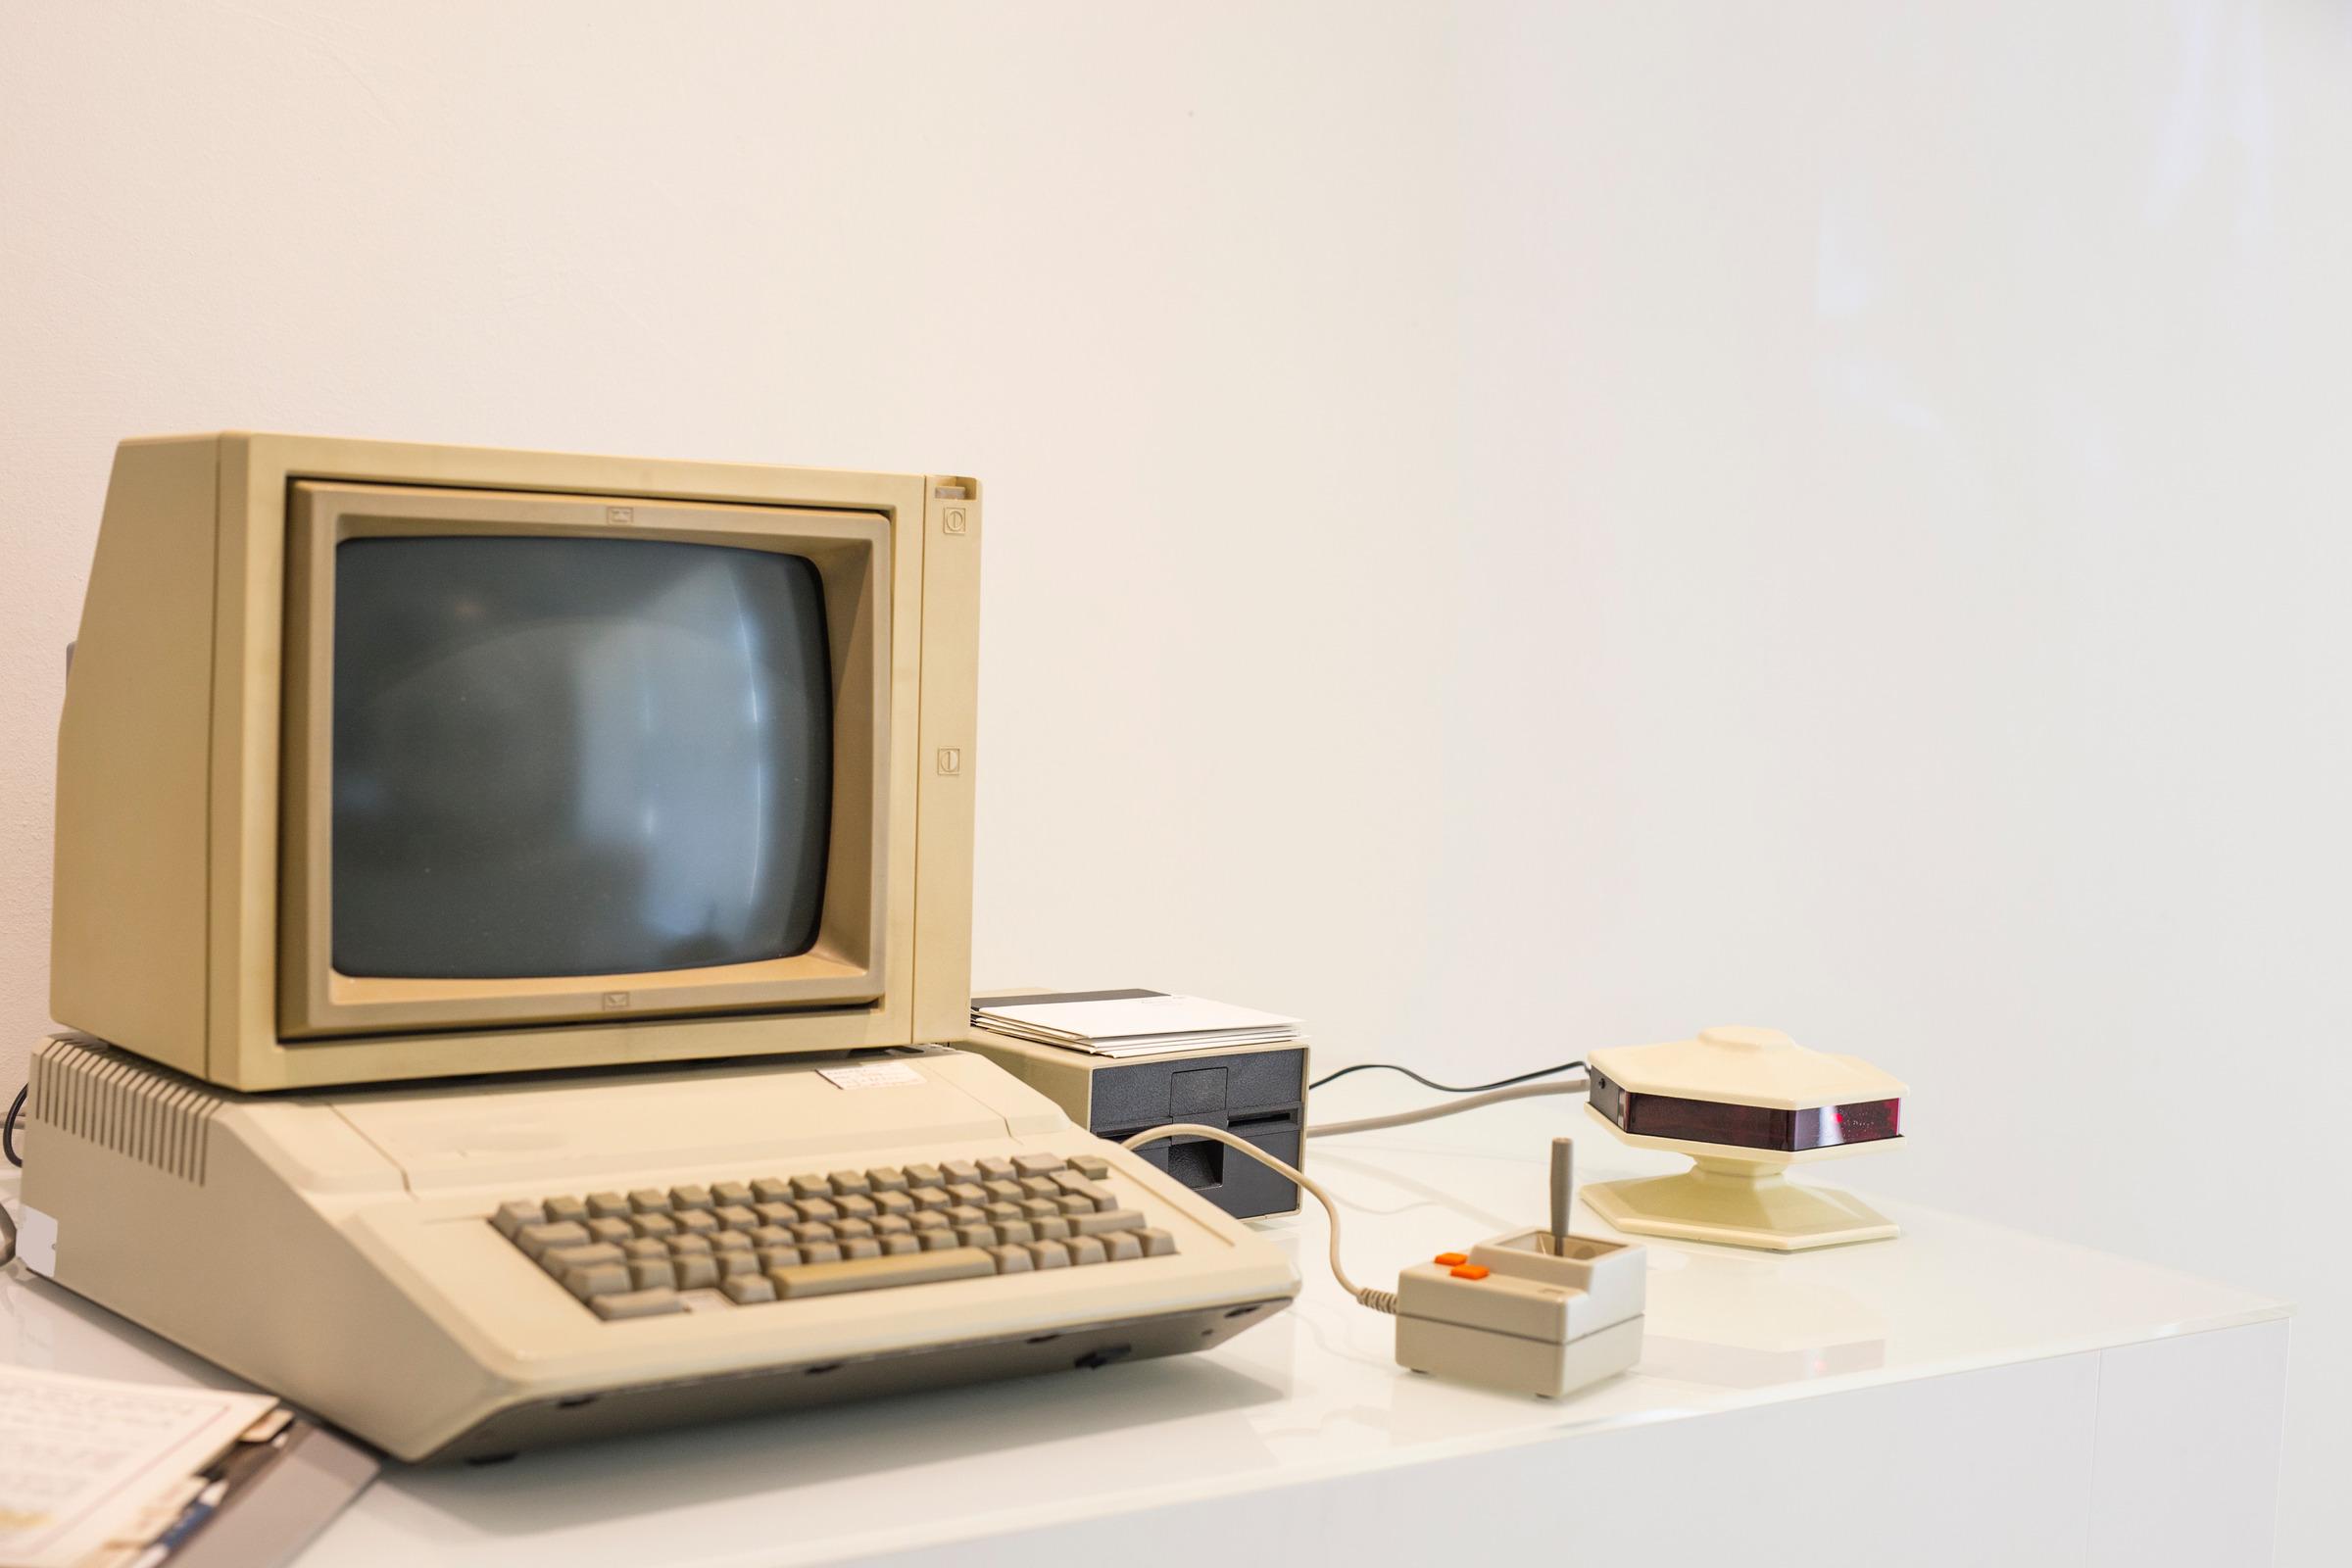 computer vintage  apple machintosh IIe